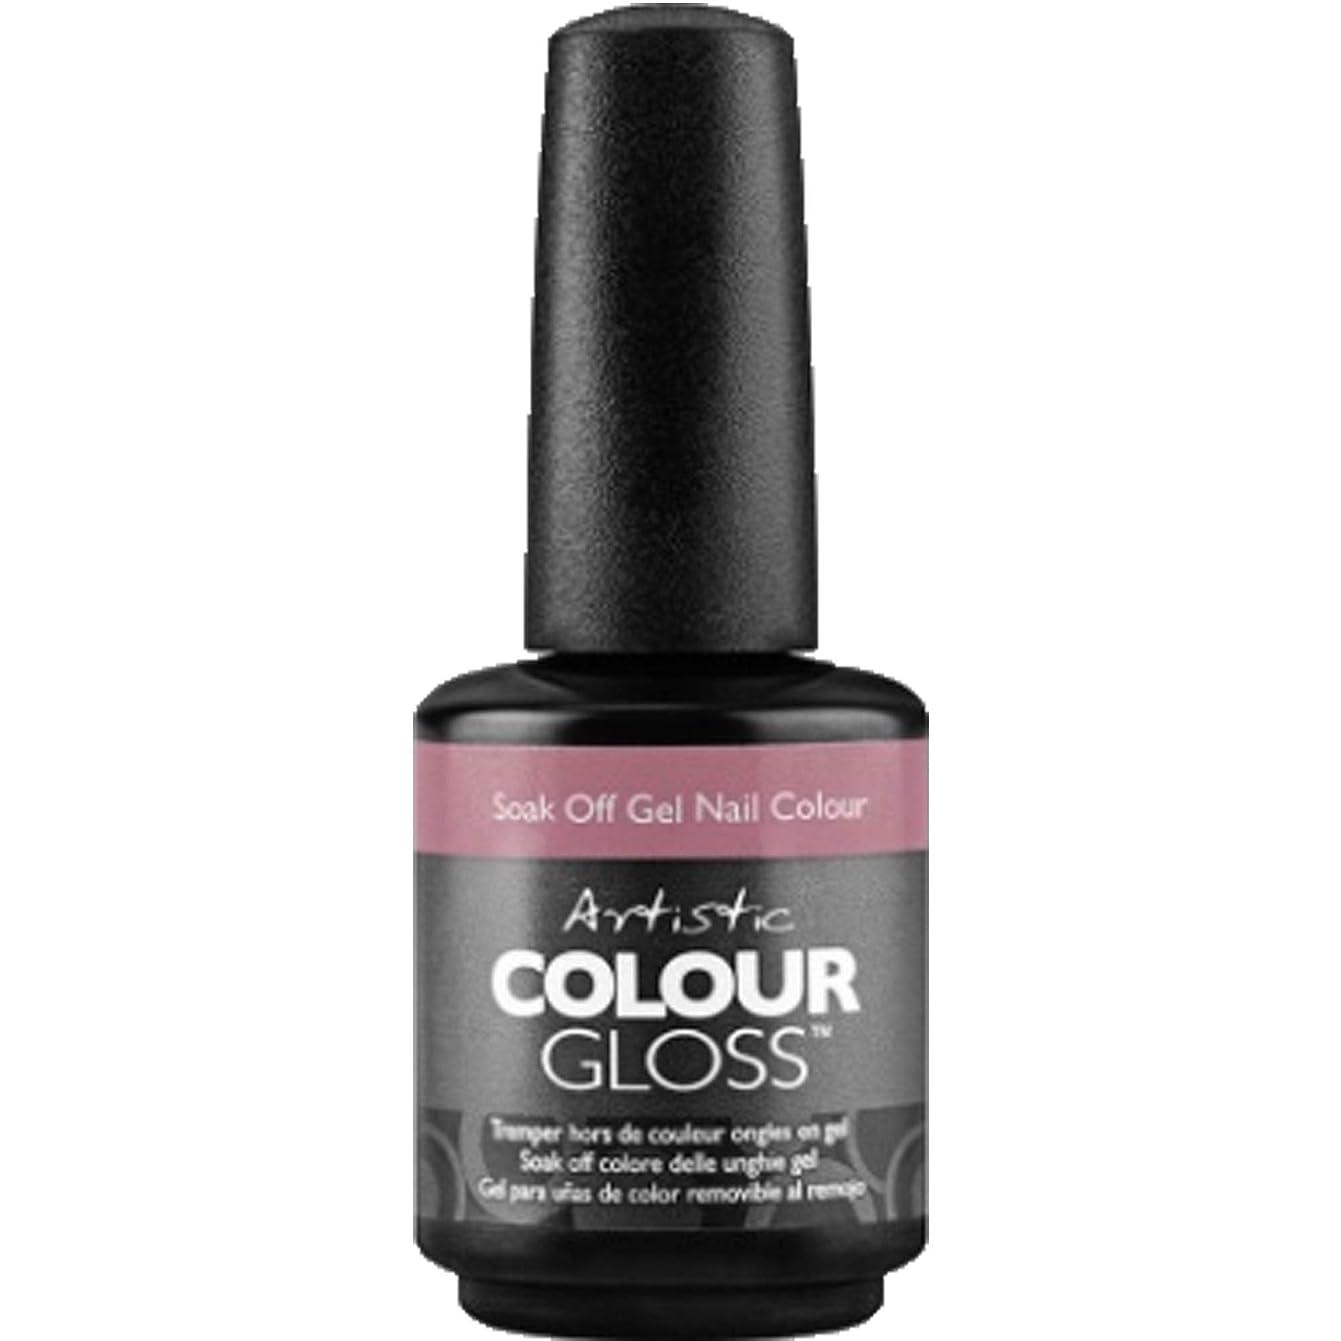 おもしろい構築する奴隷Artistic Colour Gloss - Thta's My Tone - 0.5oz / 15ml